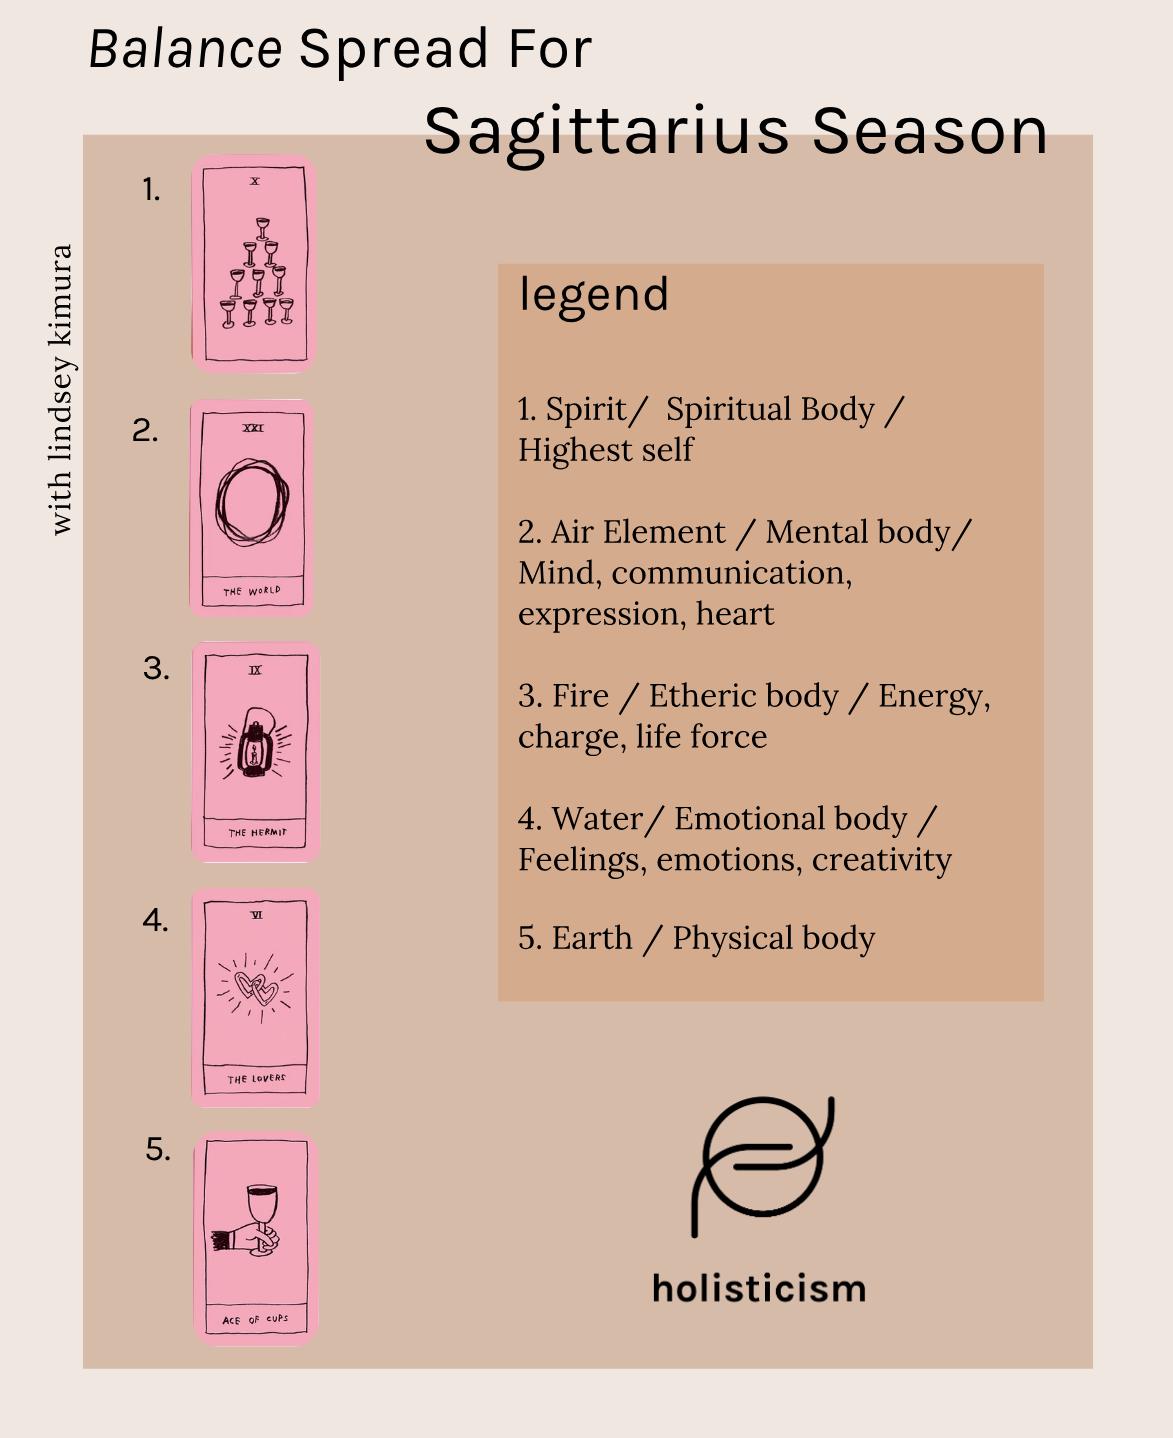 Sagittarius Season Spread